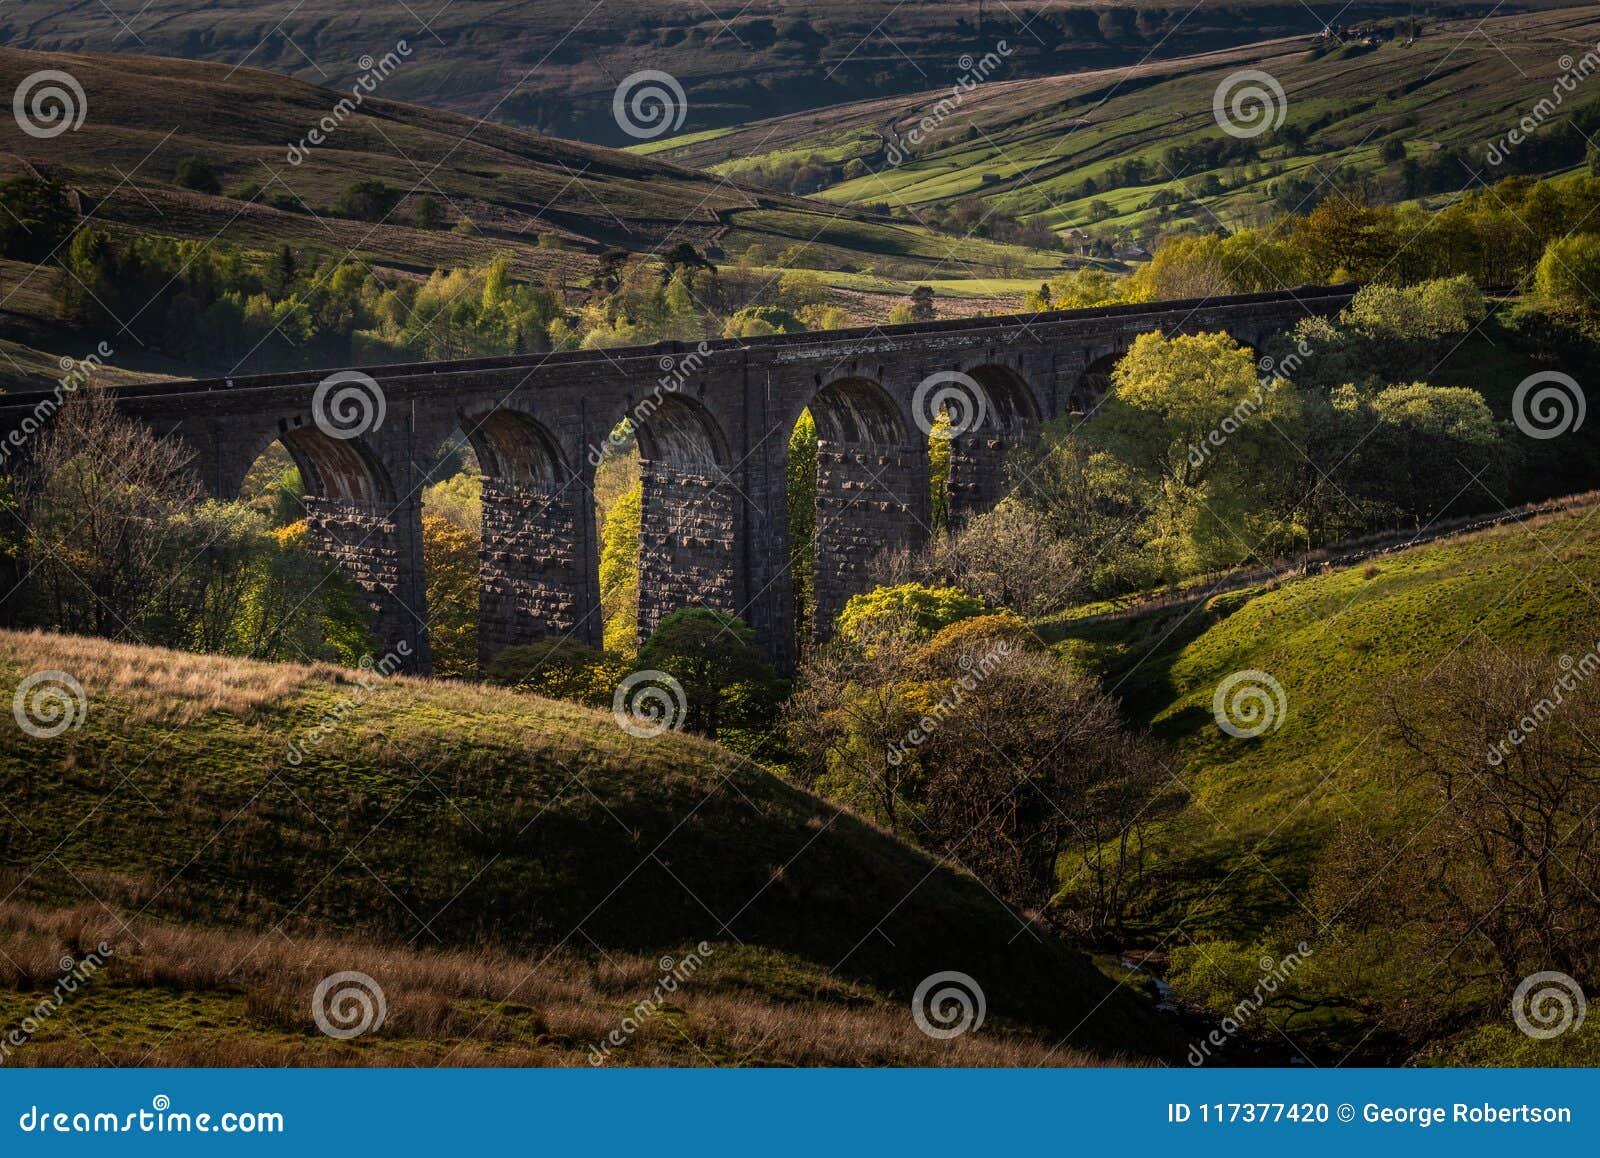 Regard vers le bas au-dessus du viaduc de chemin de fer de tête de bosselure